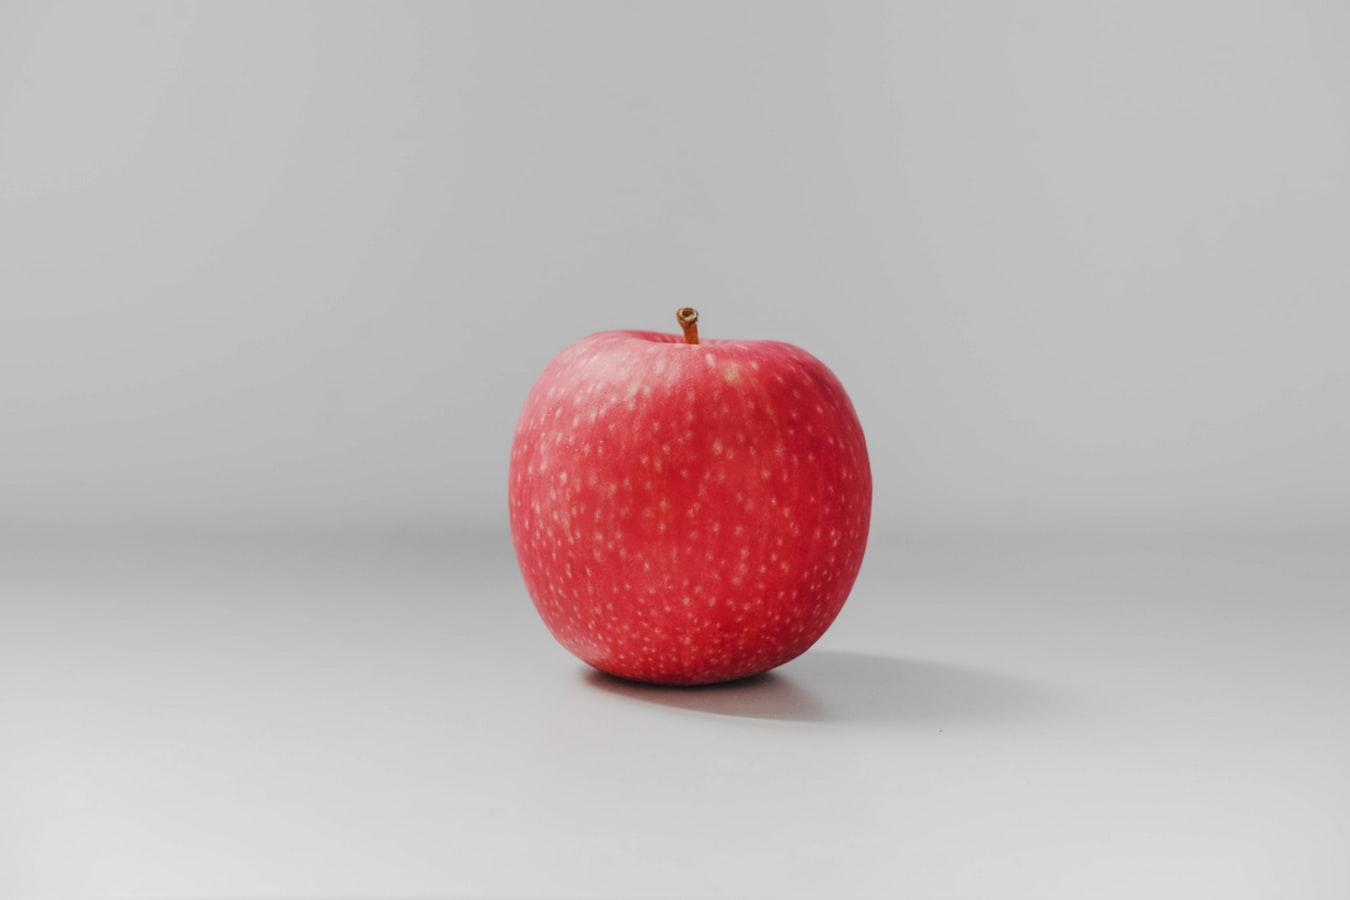 pomme faits étonnants sur le corps humain fruit